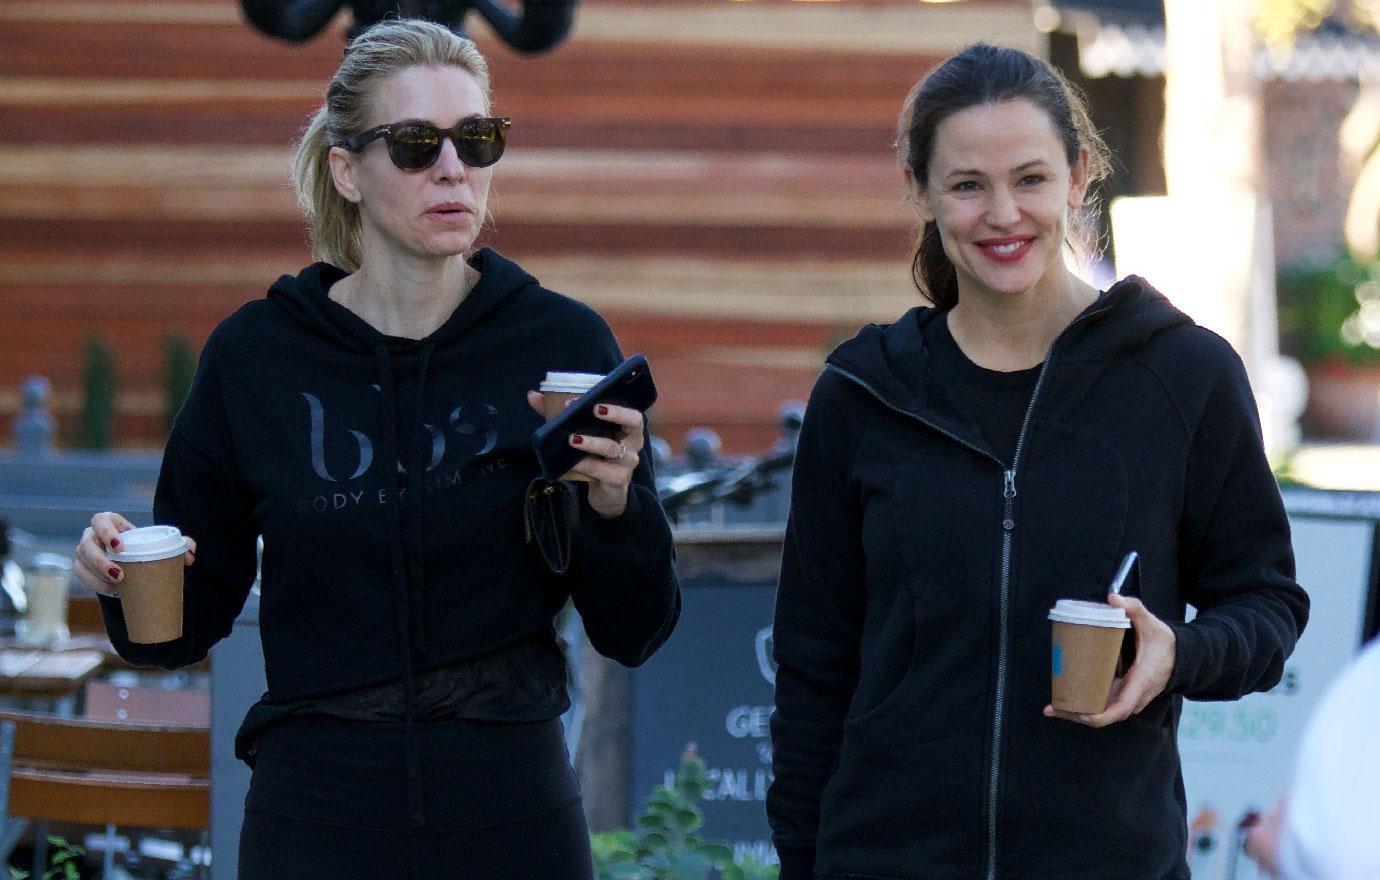 Jennifer Garner Grabs Coffee After Gym Session